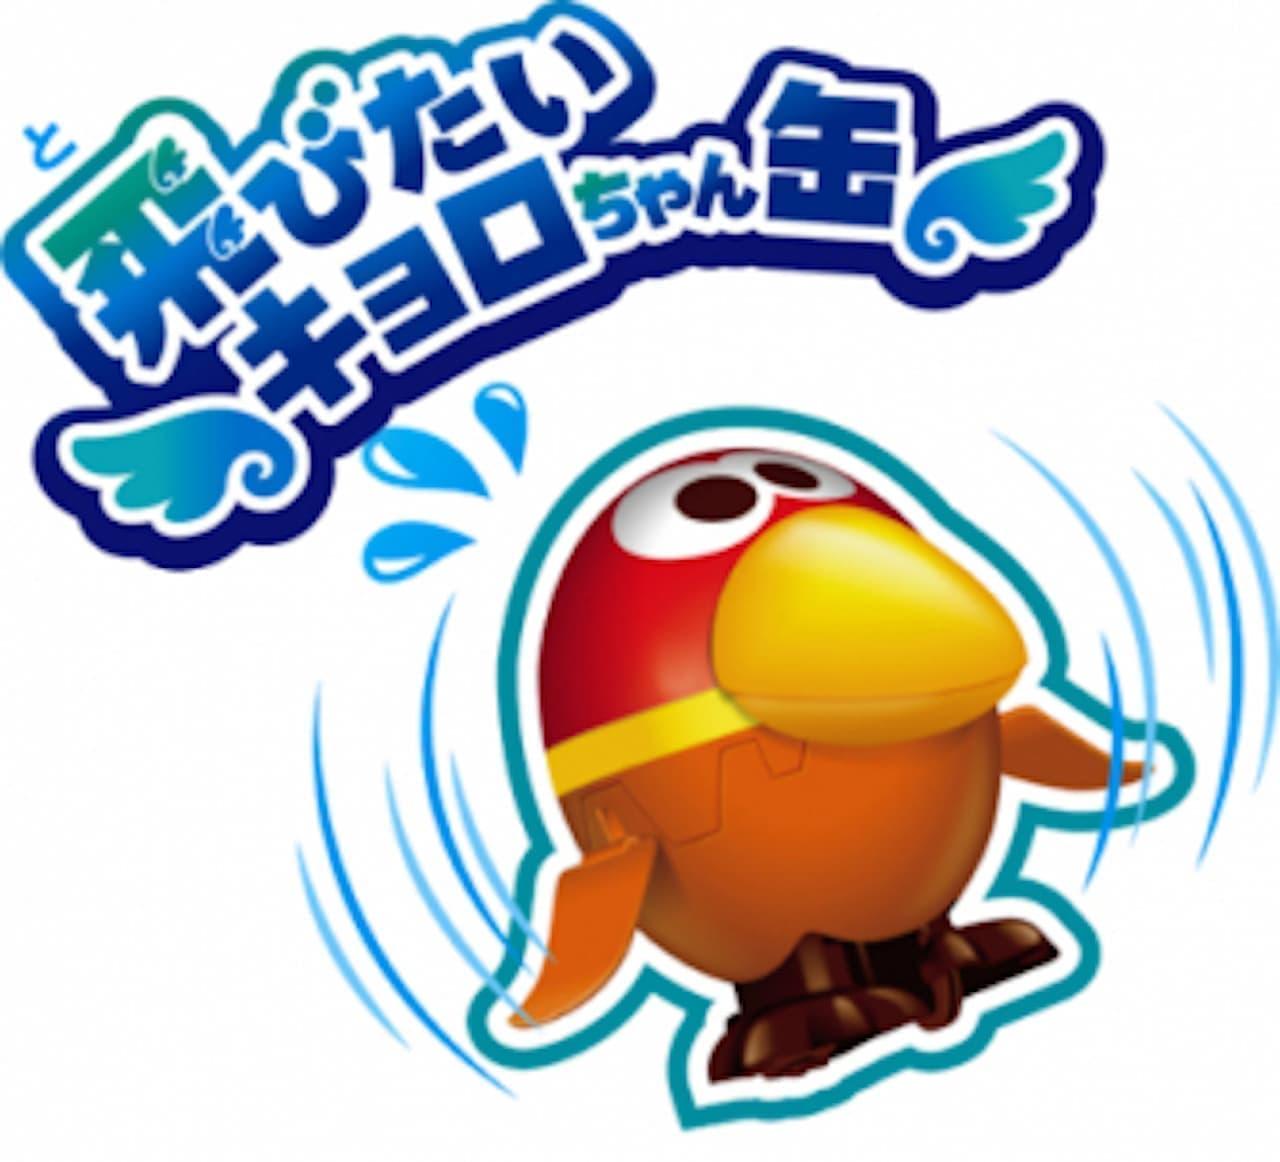 53種類目のおもちゃのカンヅメとなる「飛びたいキョロちゃん缶」